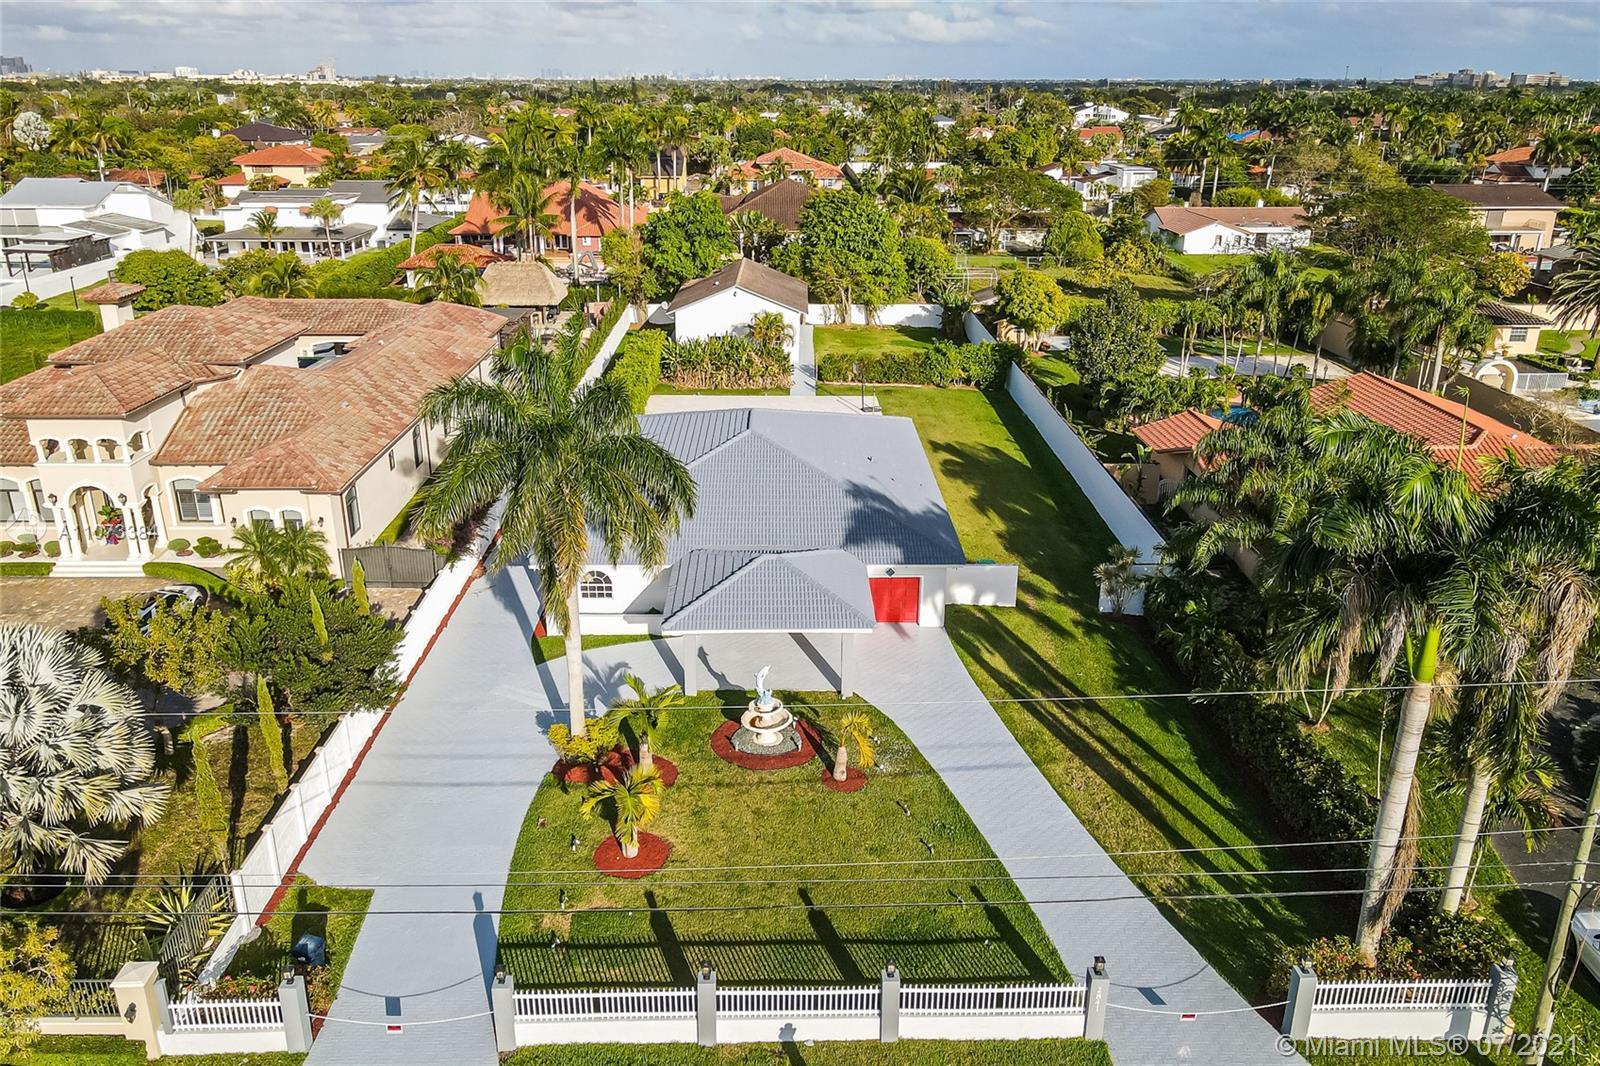 J G Heads Farms - 2841 SW 132nd Ave, Miami, FL 33175